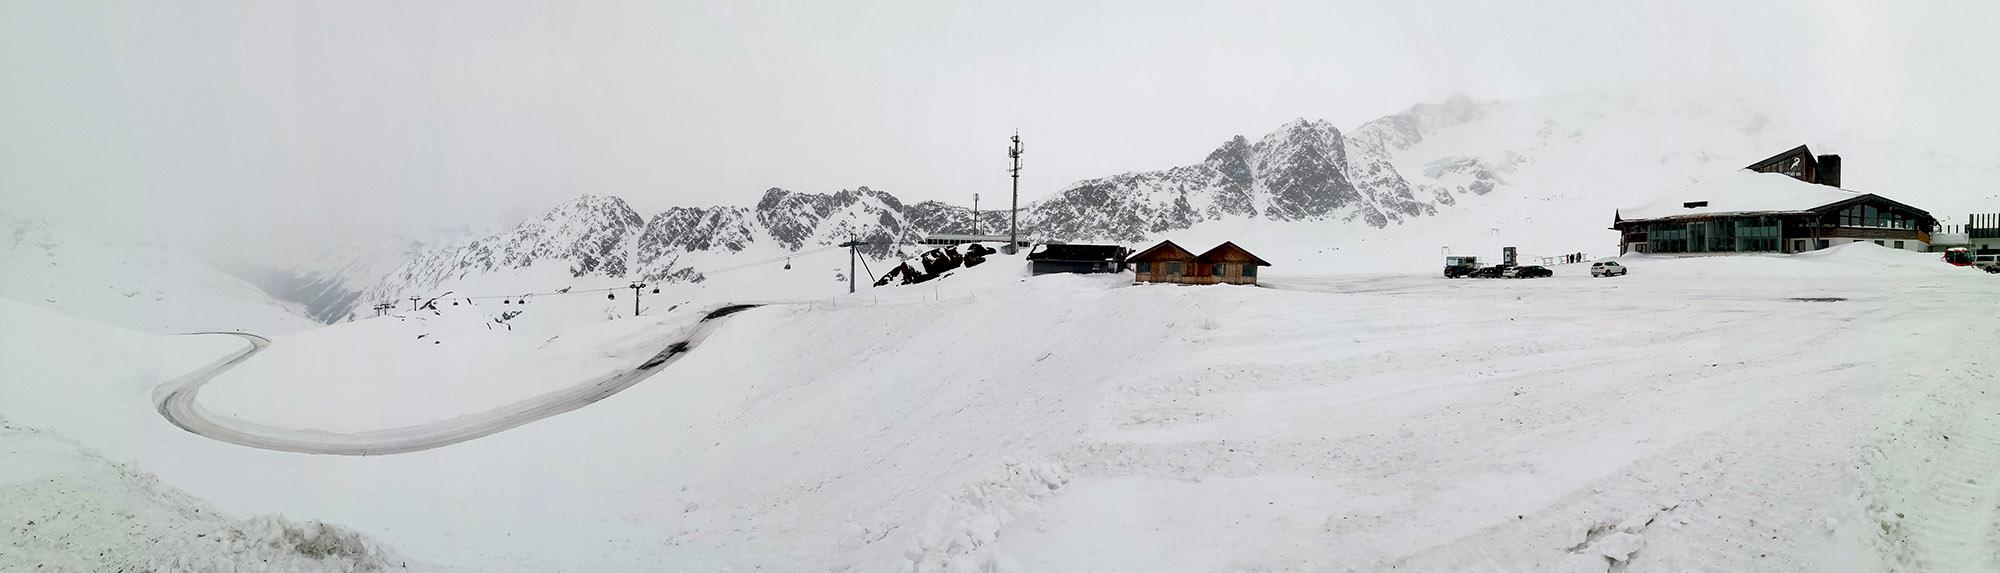 Czy warto jechać bez nart zimą w Alpy? 23